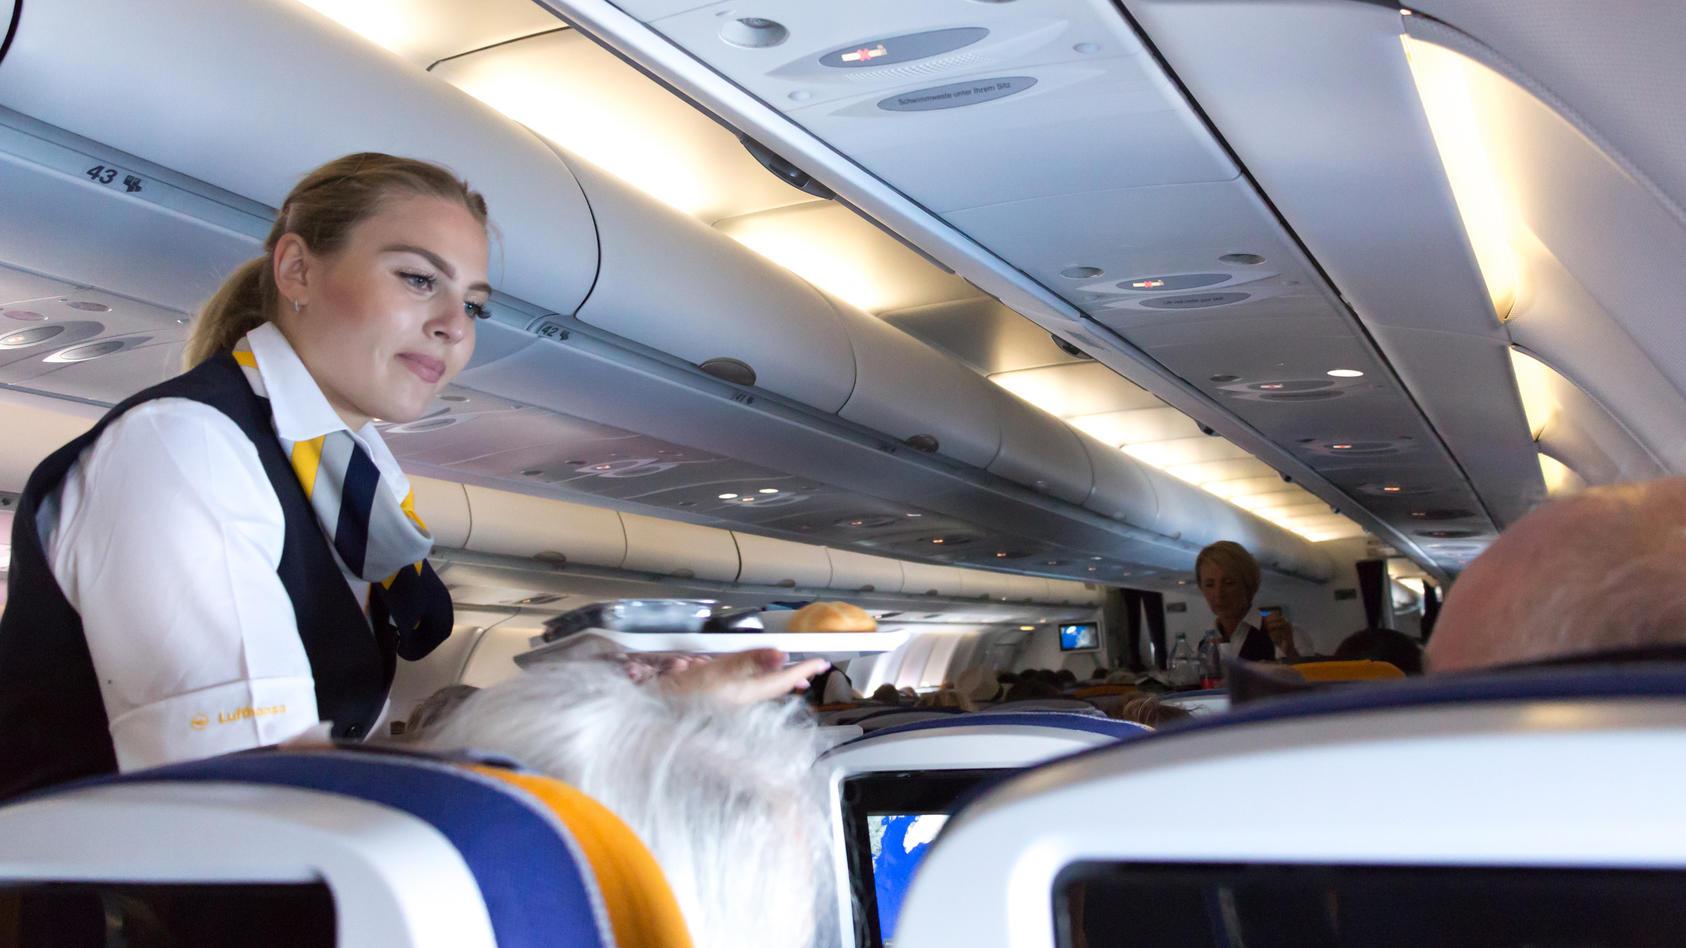 Gäste werden an Bord von Lufthansa-Flügen künftig geschlechtsneutral begrüßt.